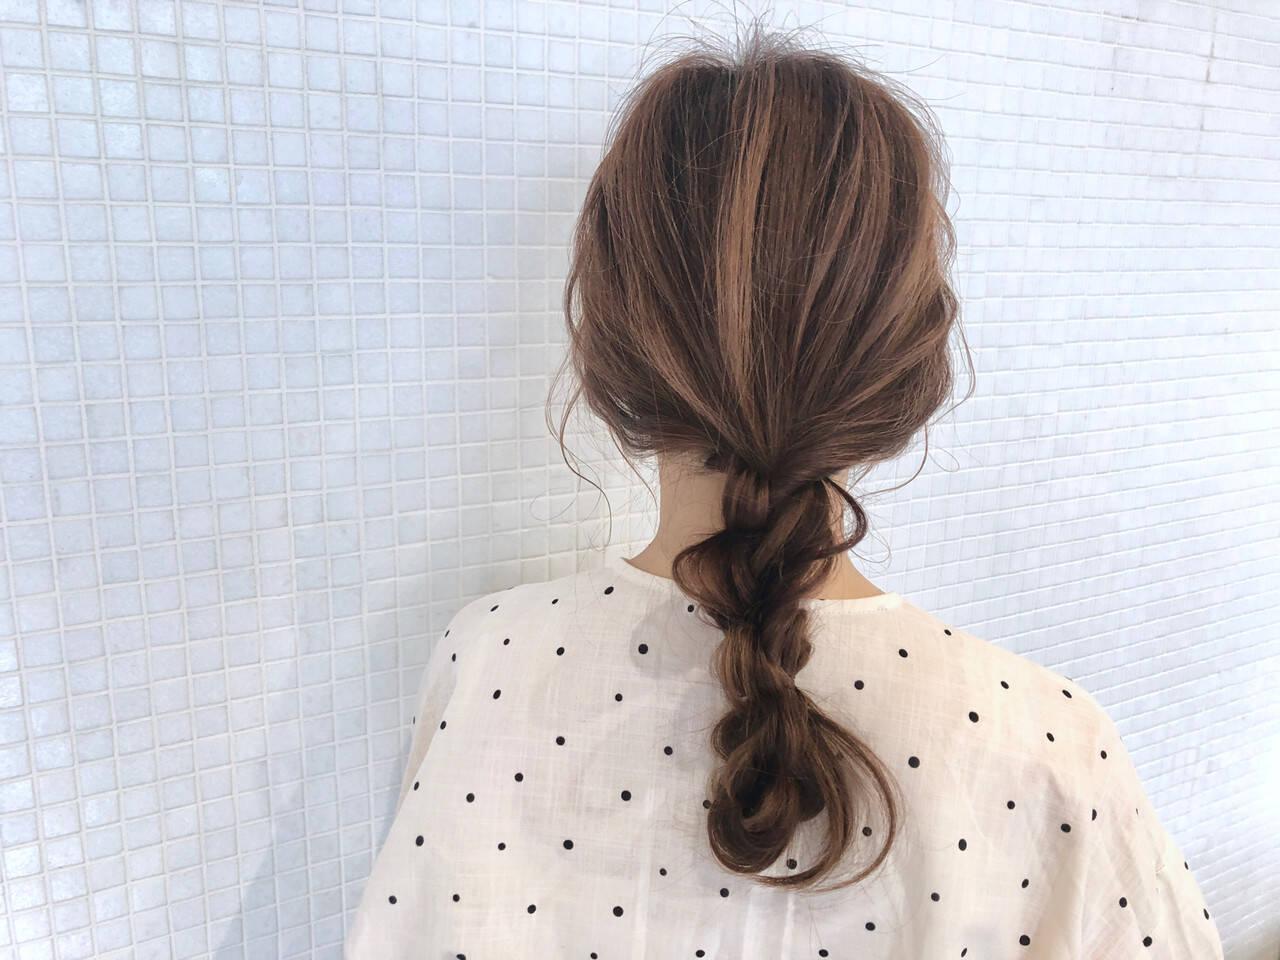 ヘアアレンジ お出かけヘア 簡単ヘアアレンジ 編みおろしヘアヘアスタイルや髪型の写真・画像